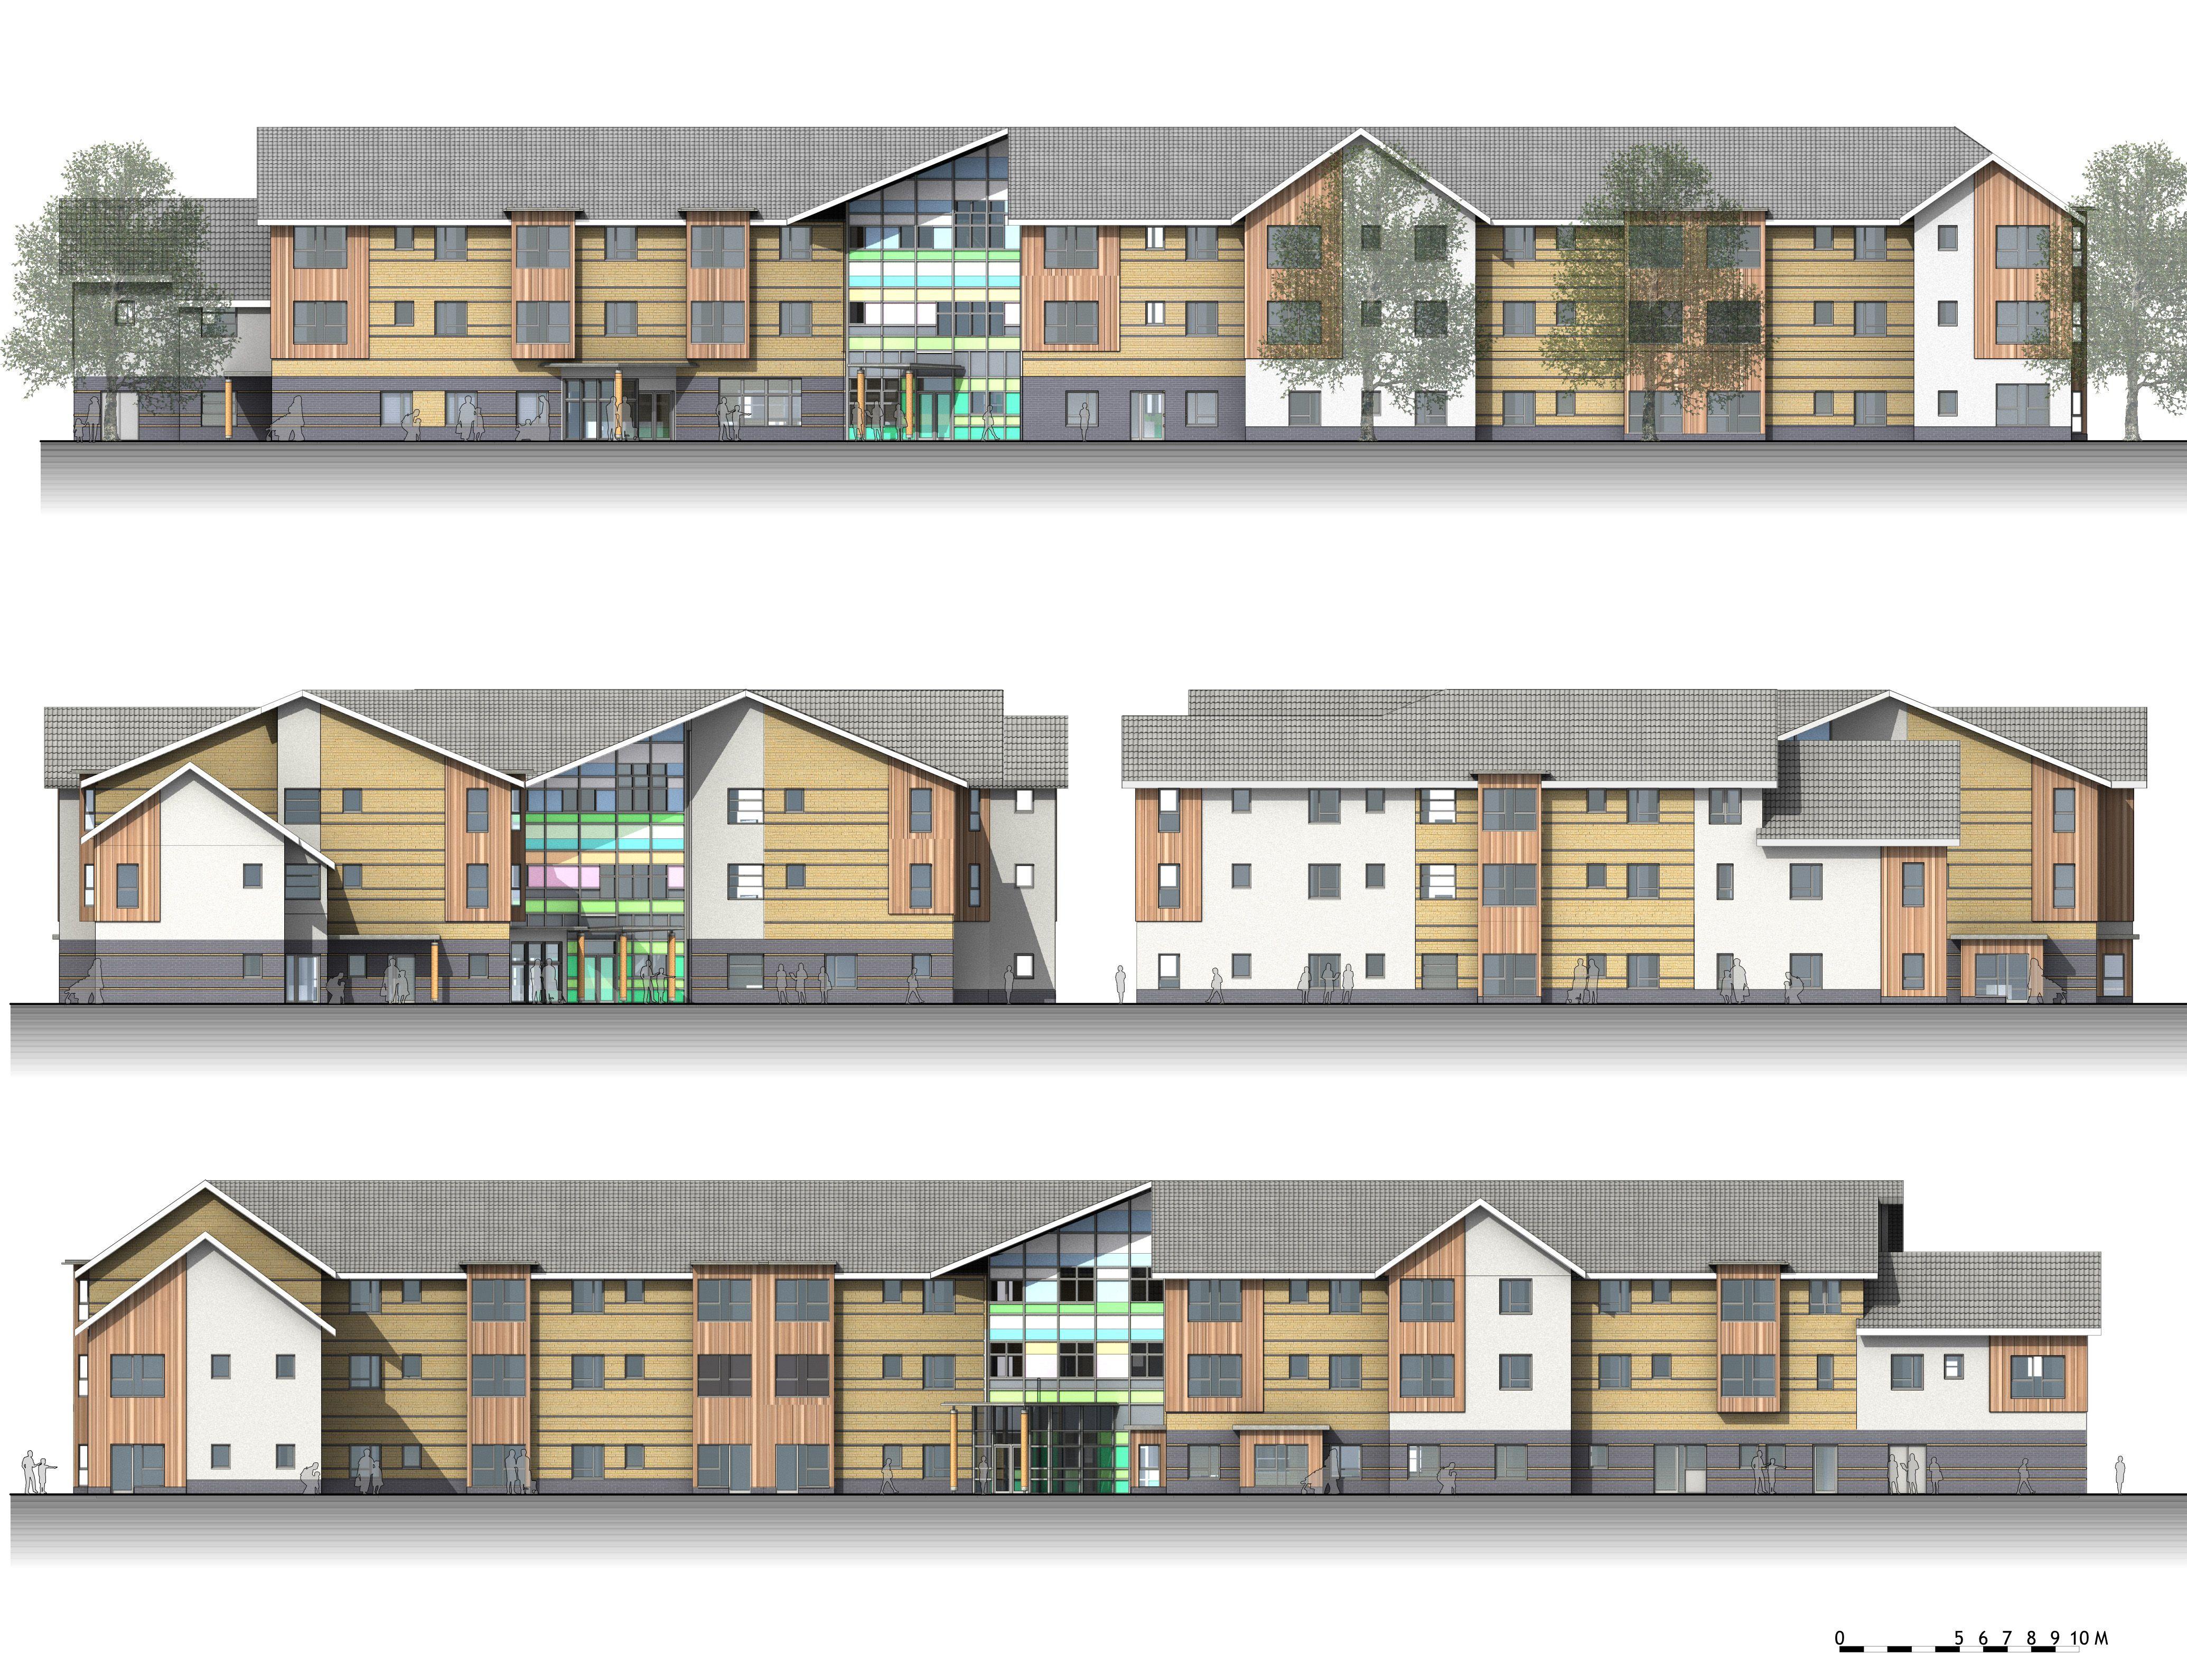 BIM elevations of an Extra care Nursing home designed by Quattor ...